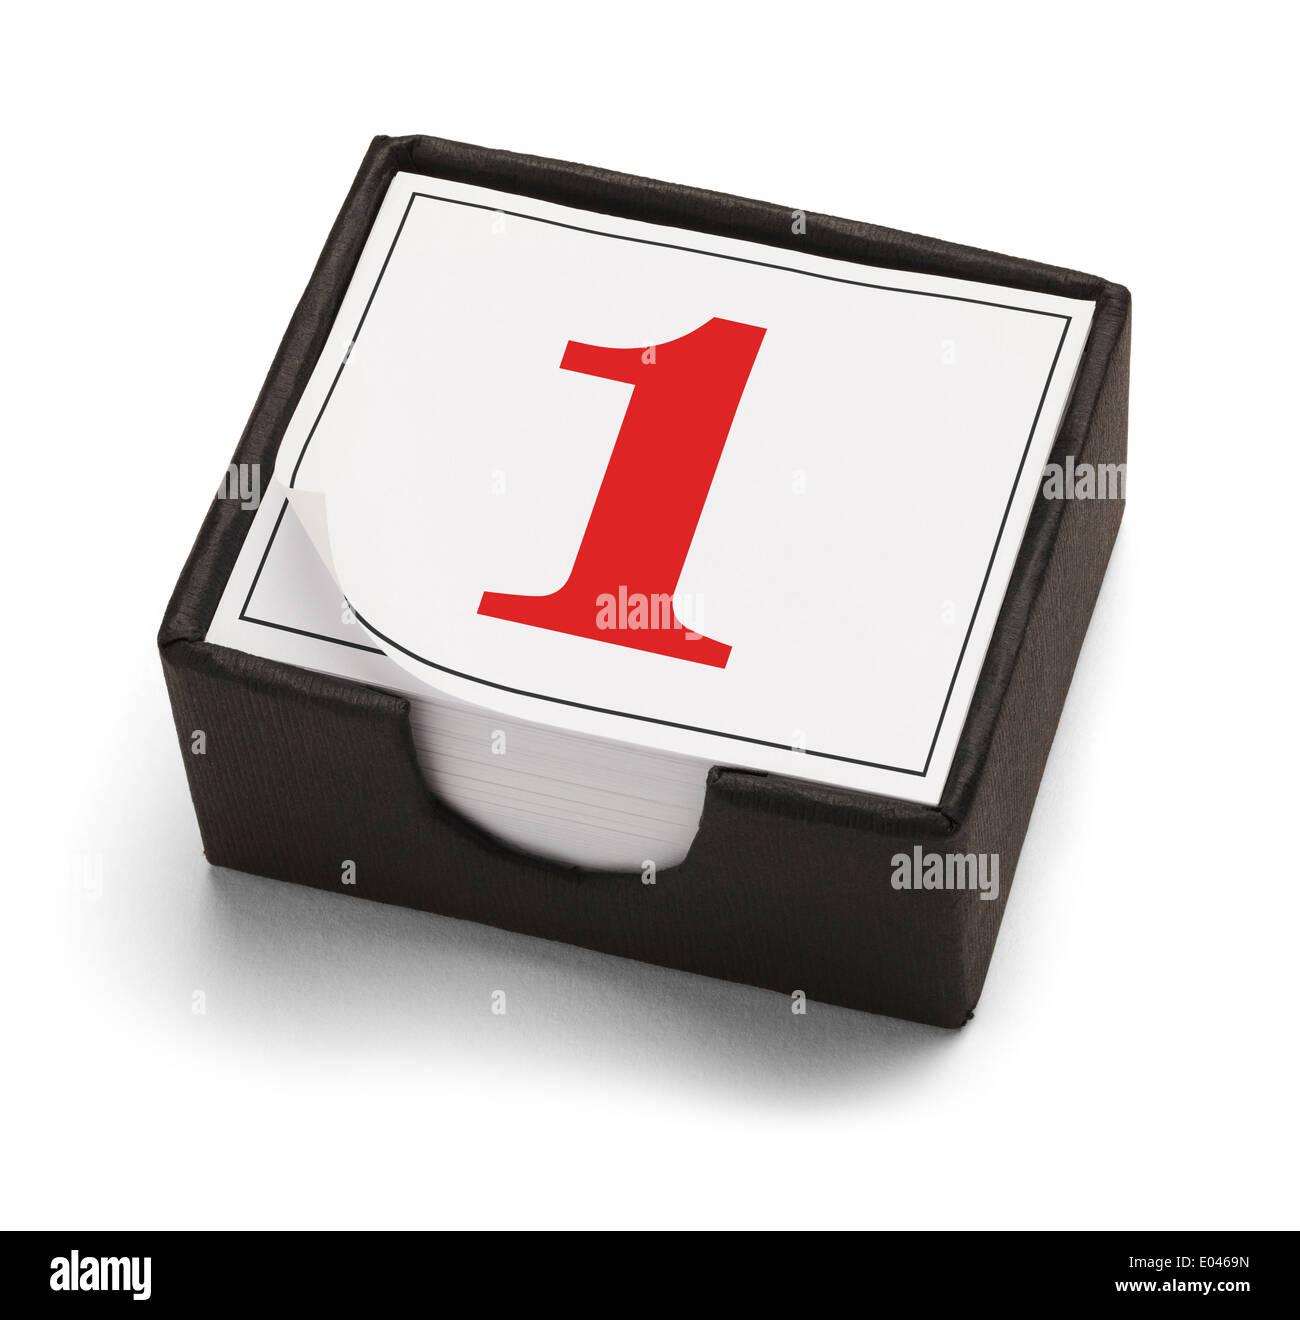 Tischkalender mit Tag eins oder die Nummer 1 in rot auf einem weißen Hintergrund isoliert. Stockbild